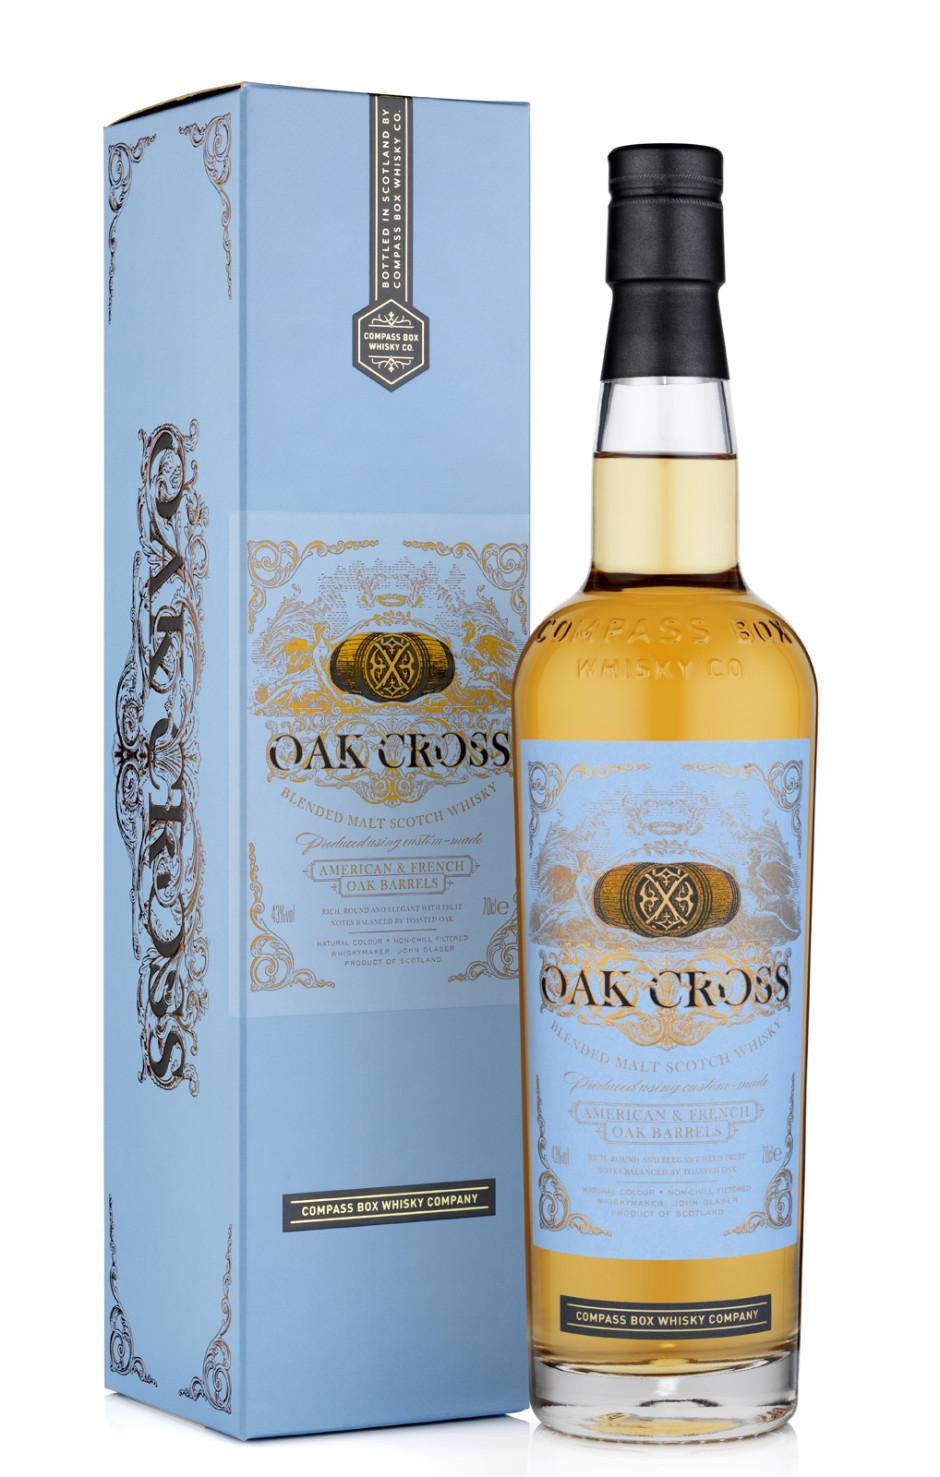 oakcross_bottle_box-sm